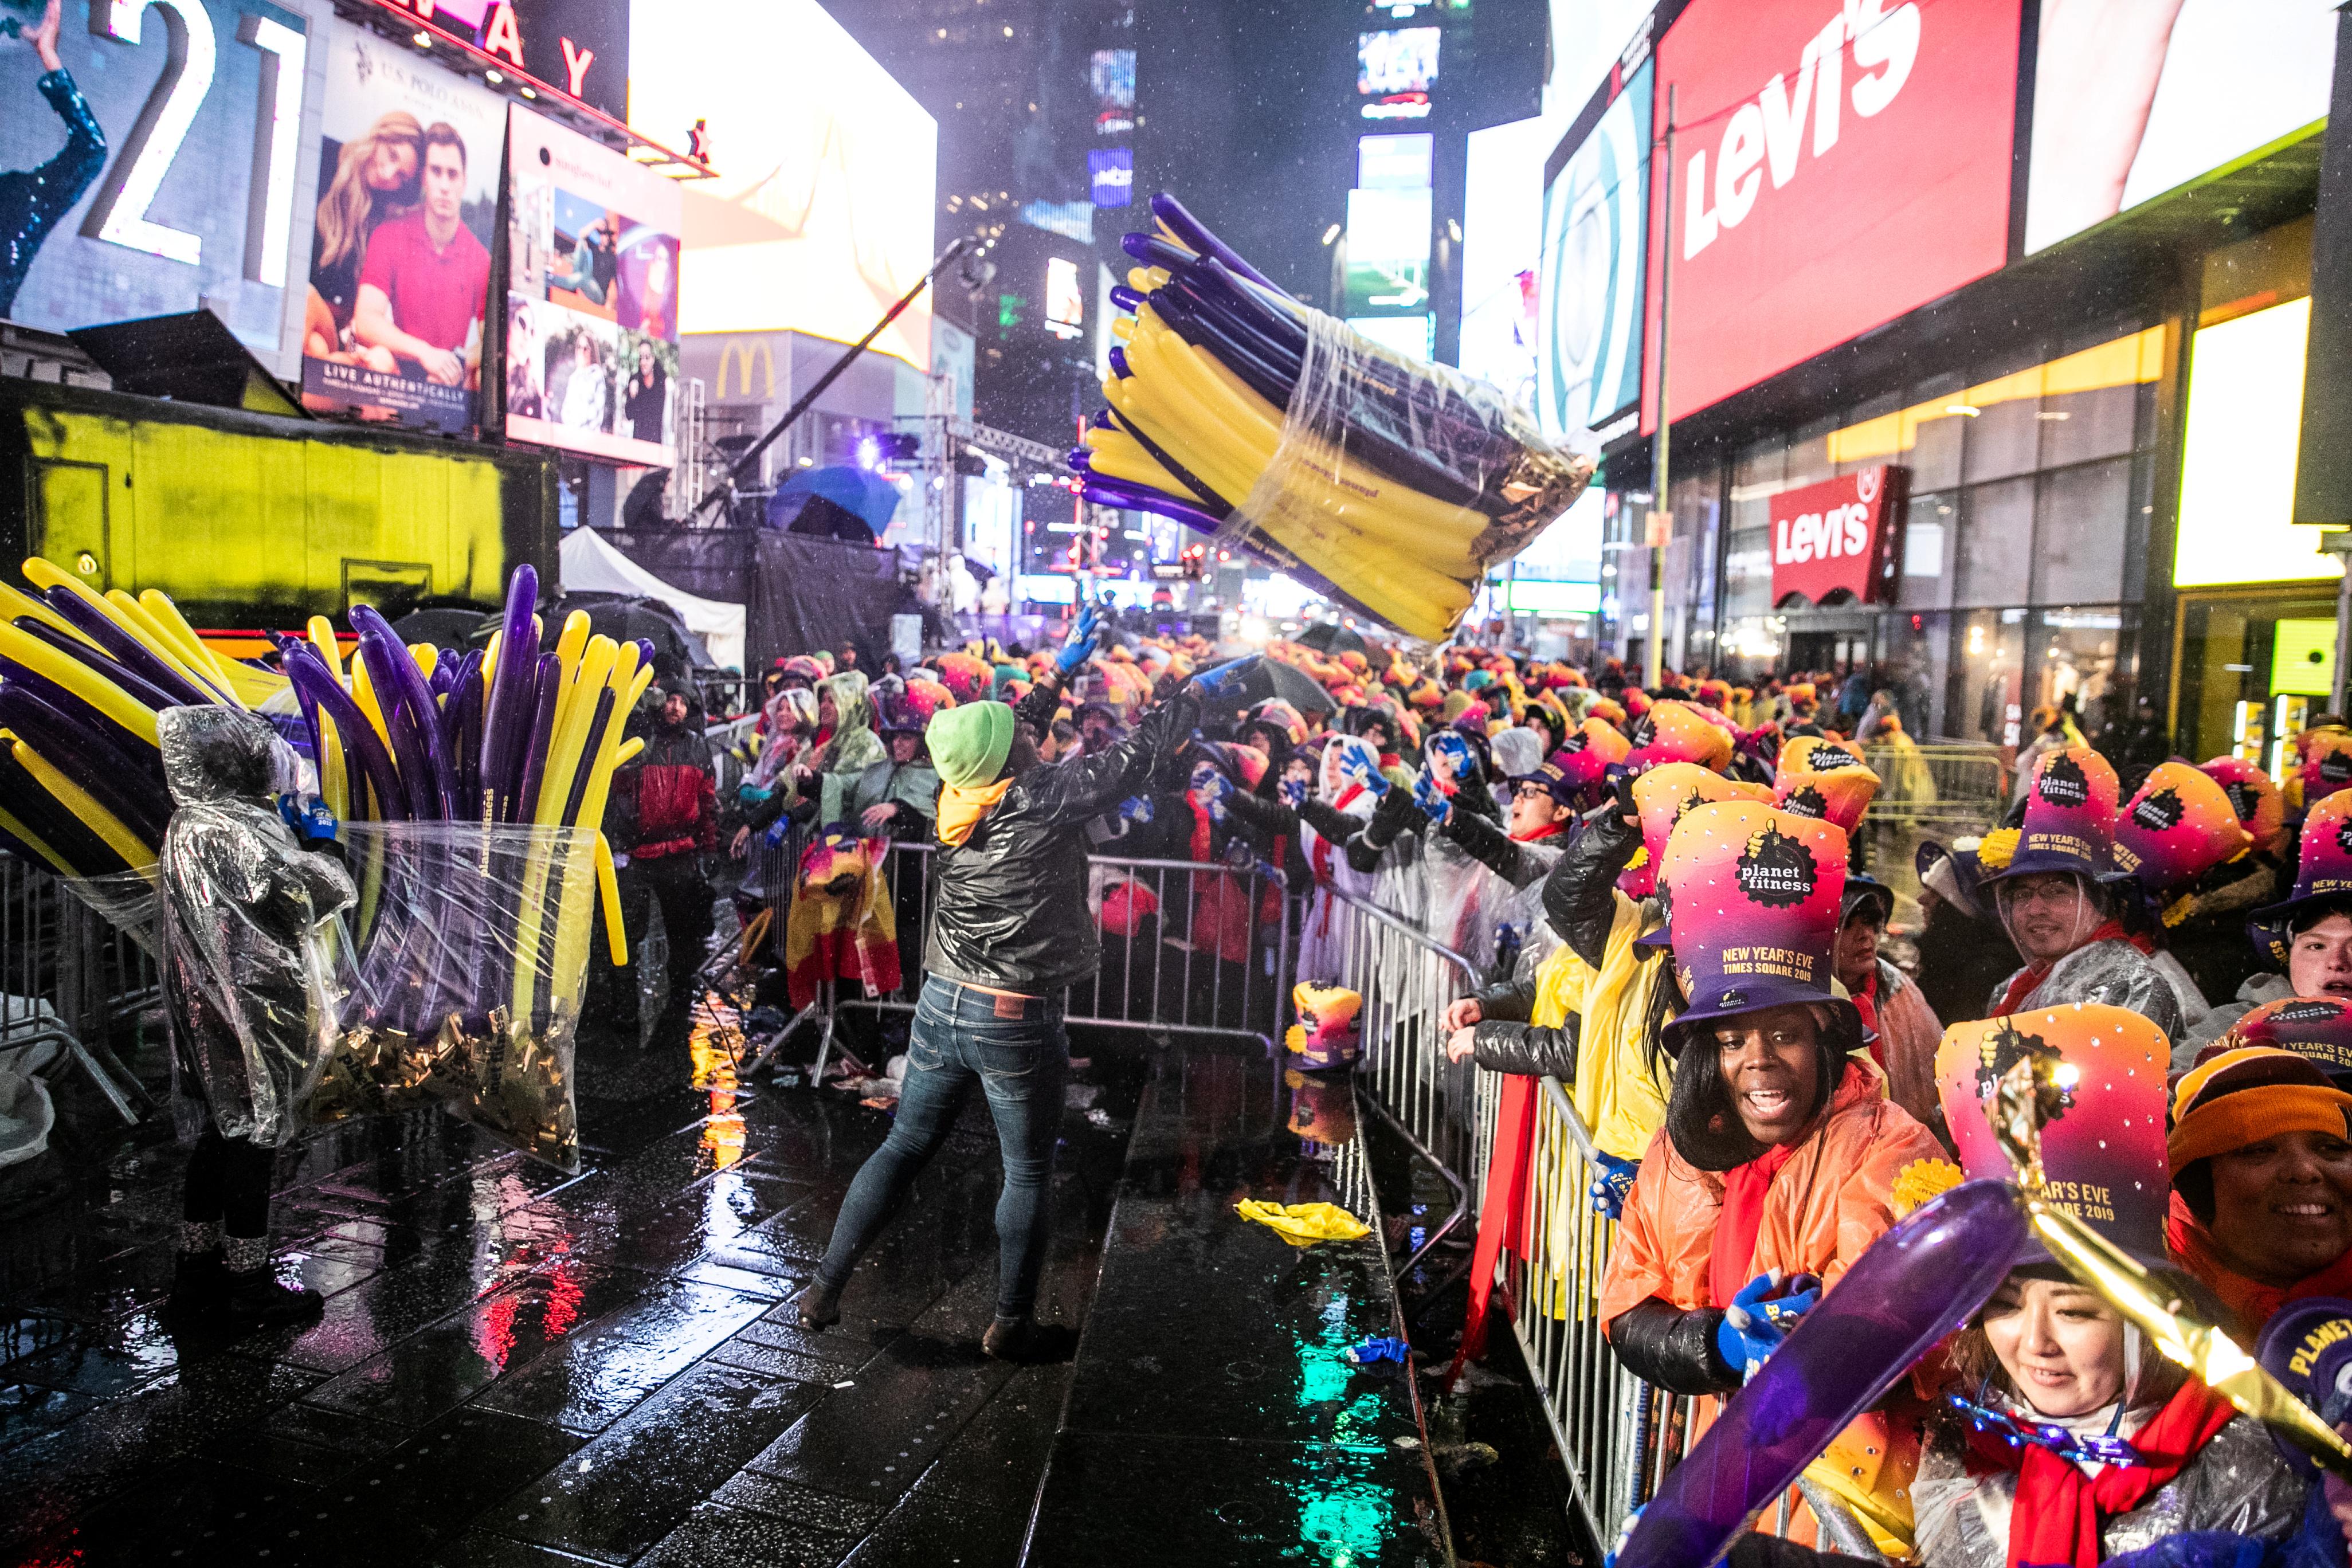 الآلاف تجمعوا تحت المطر في تايمز سكوير للاحتفال بالعام الجديد